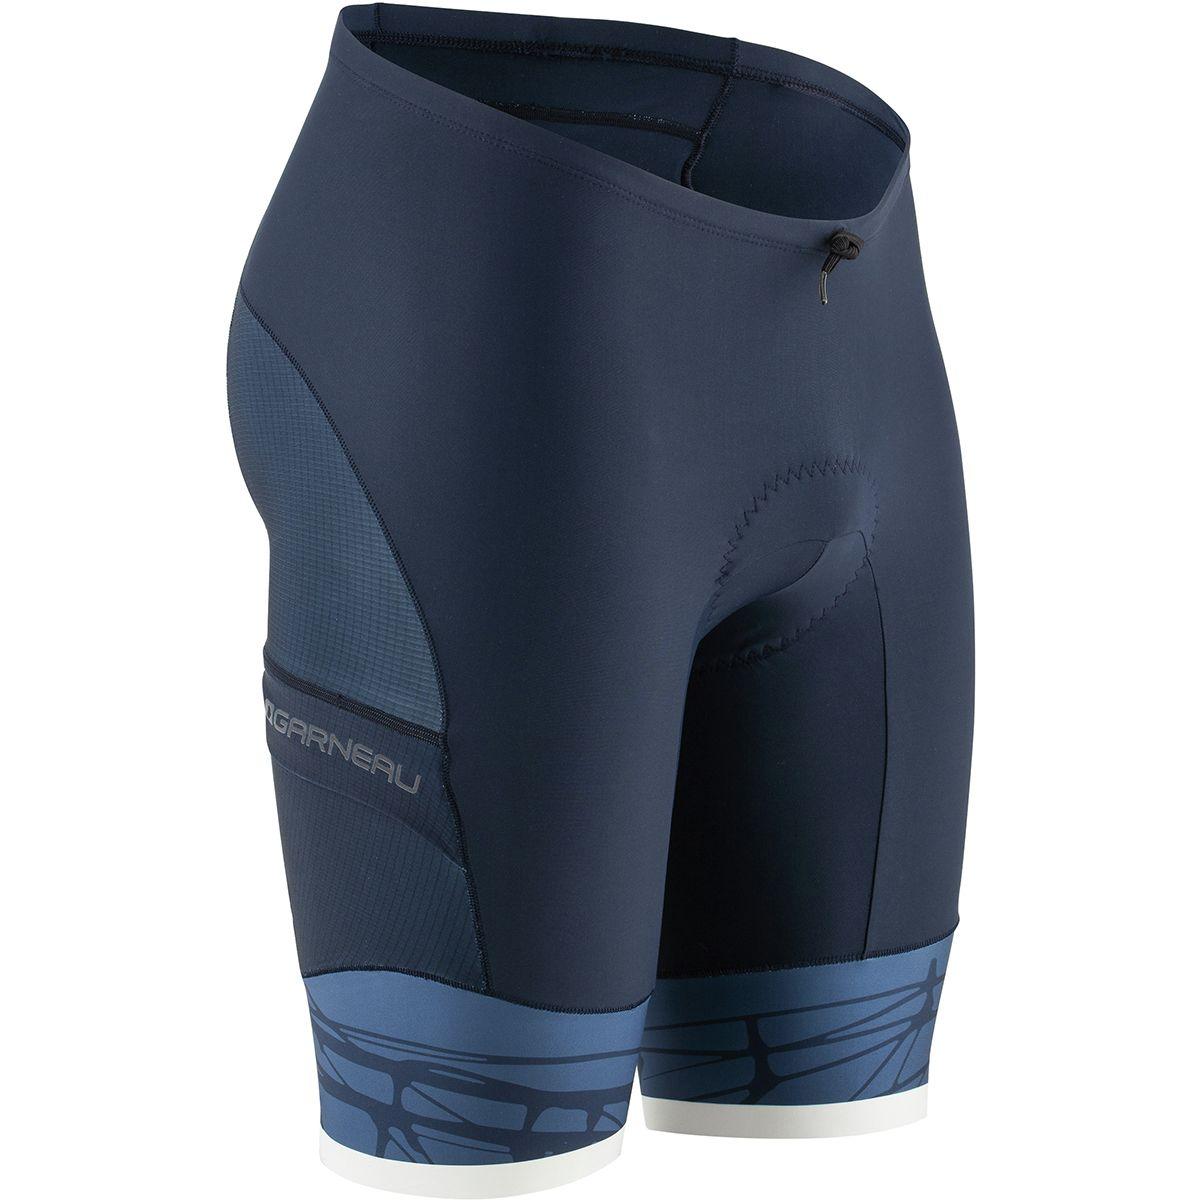 Louis Garneau Pro 9.25 Carbon Shorts - Men's